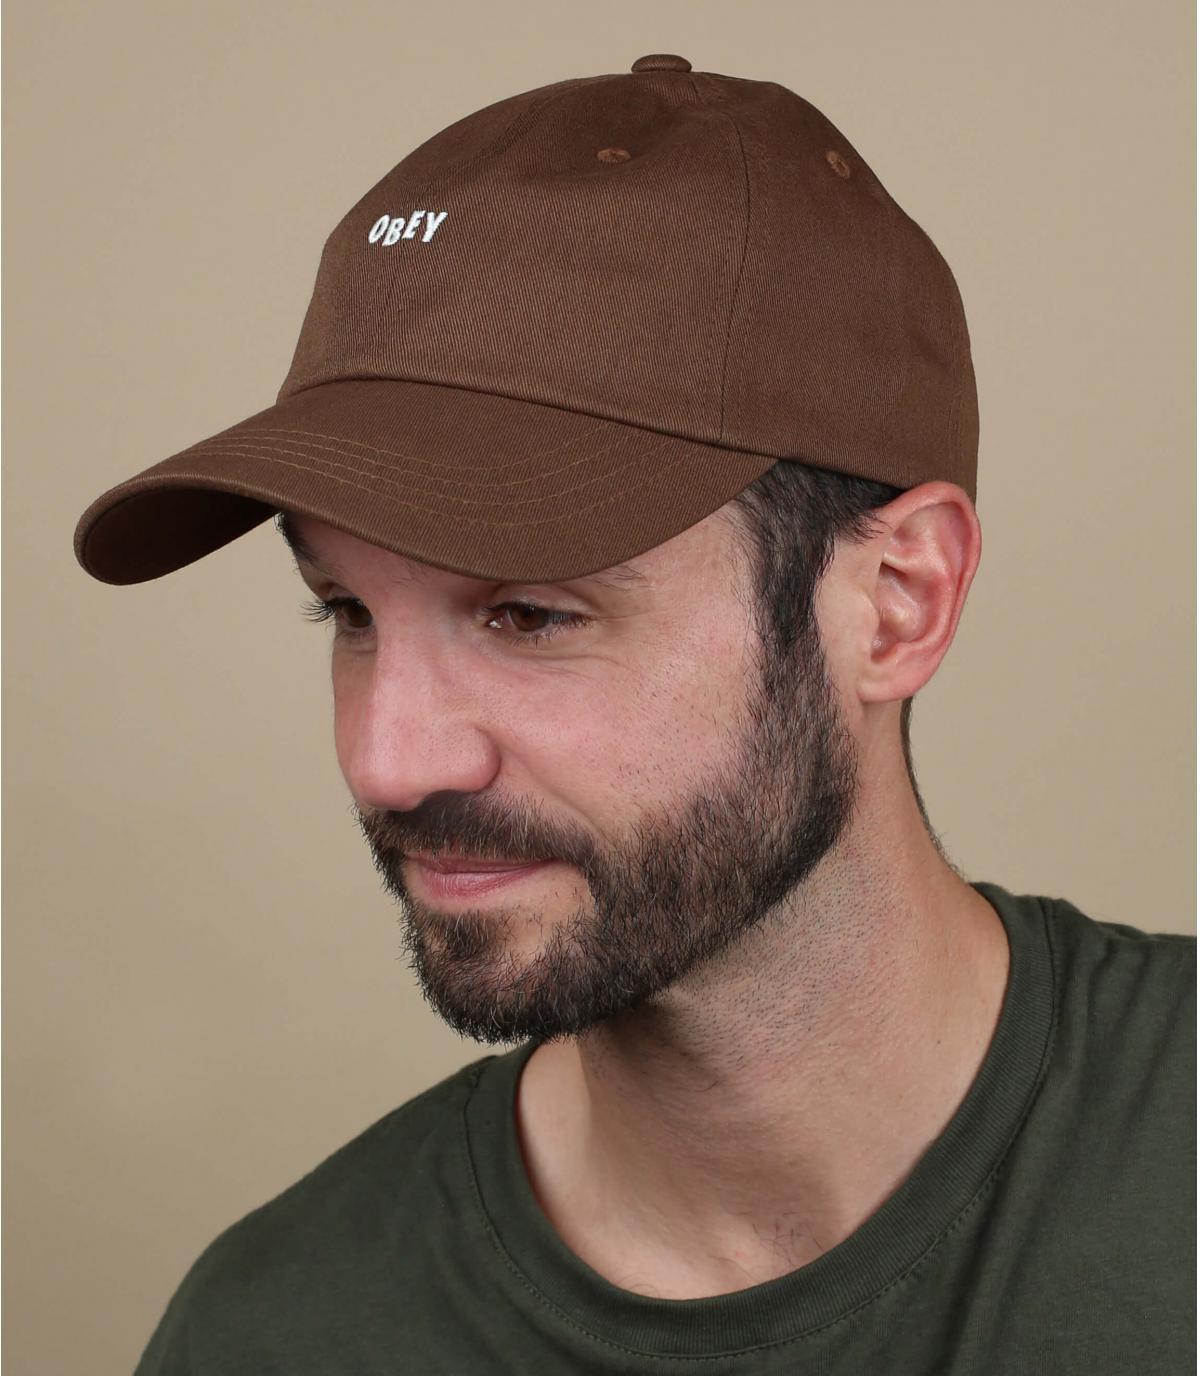 casquette marron Obey